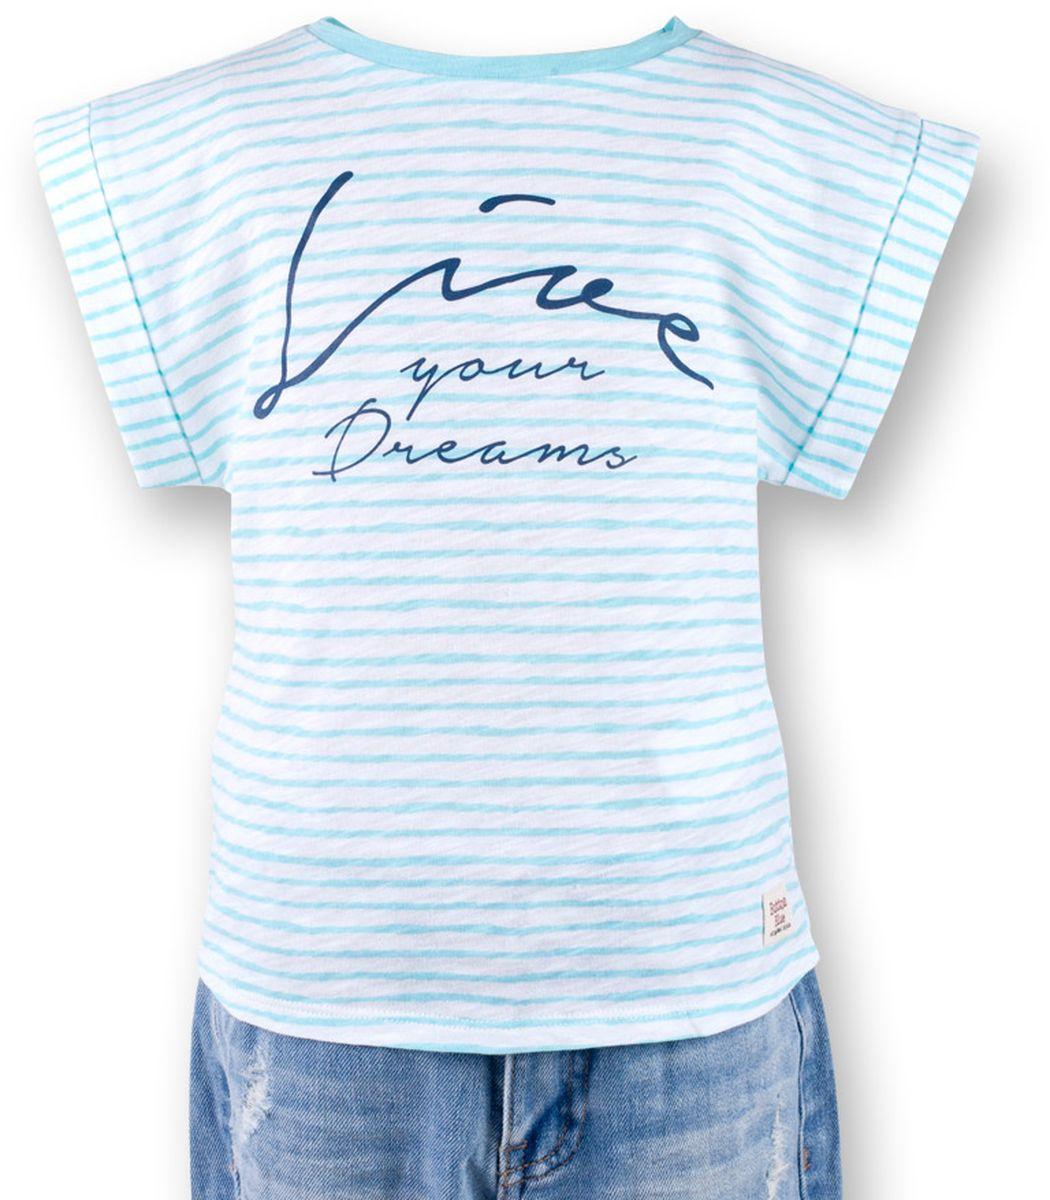 Футболка для девочки Button Blue Main, цвет: ментоловый. 117BBGC12022605. Размер 98, 3 года117BBGC12022605Полосатая футболка - не только базовая вещь в гардеробе ребенка, но и залог хорошего летнего настроения. Если вы решили купить футболку для девочки, выберете модель футболки в полоску с оригинальным принтом, и ваш ребенок будет доволен.